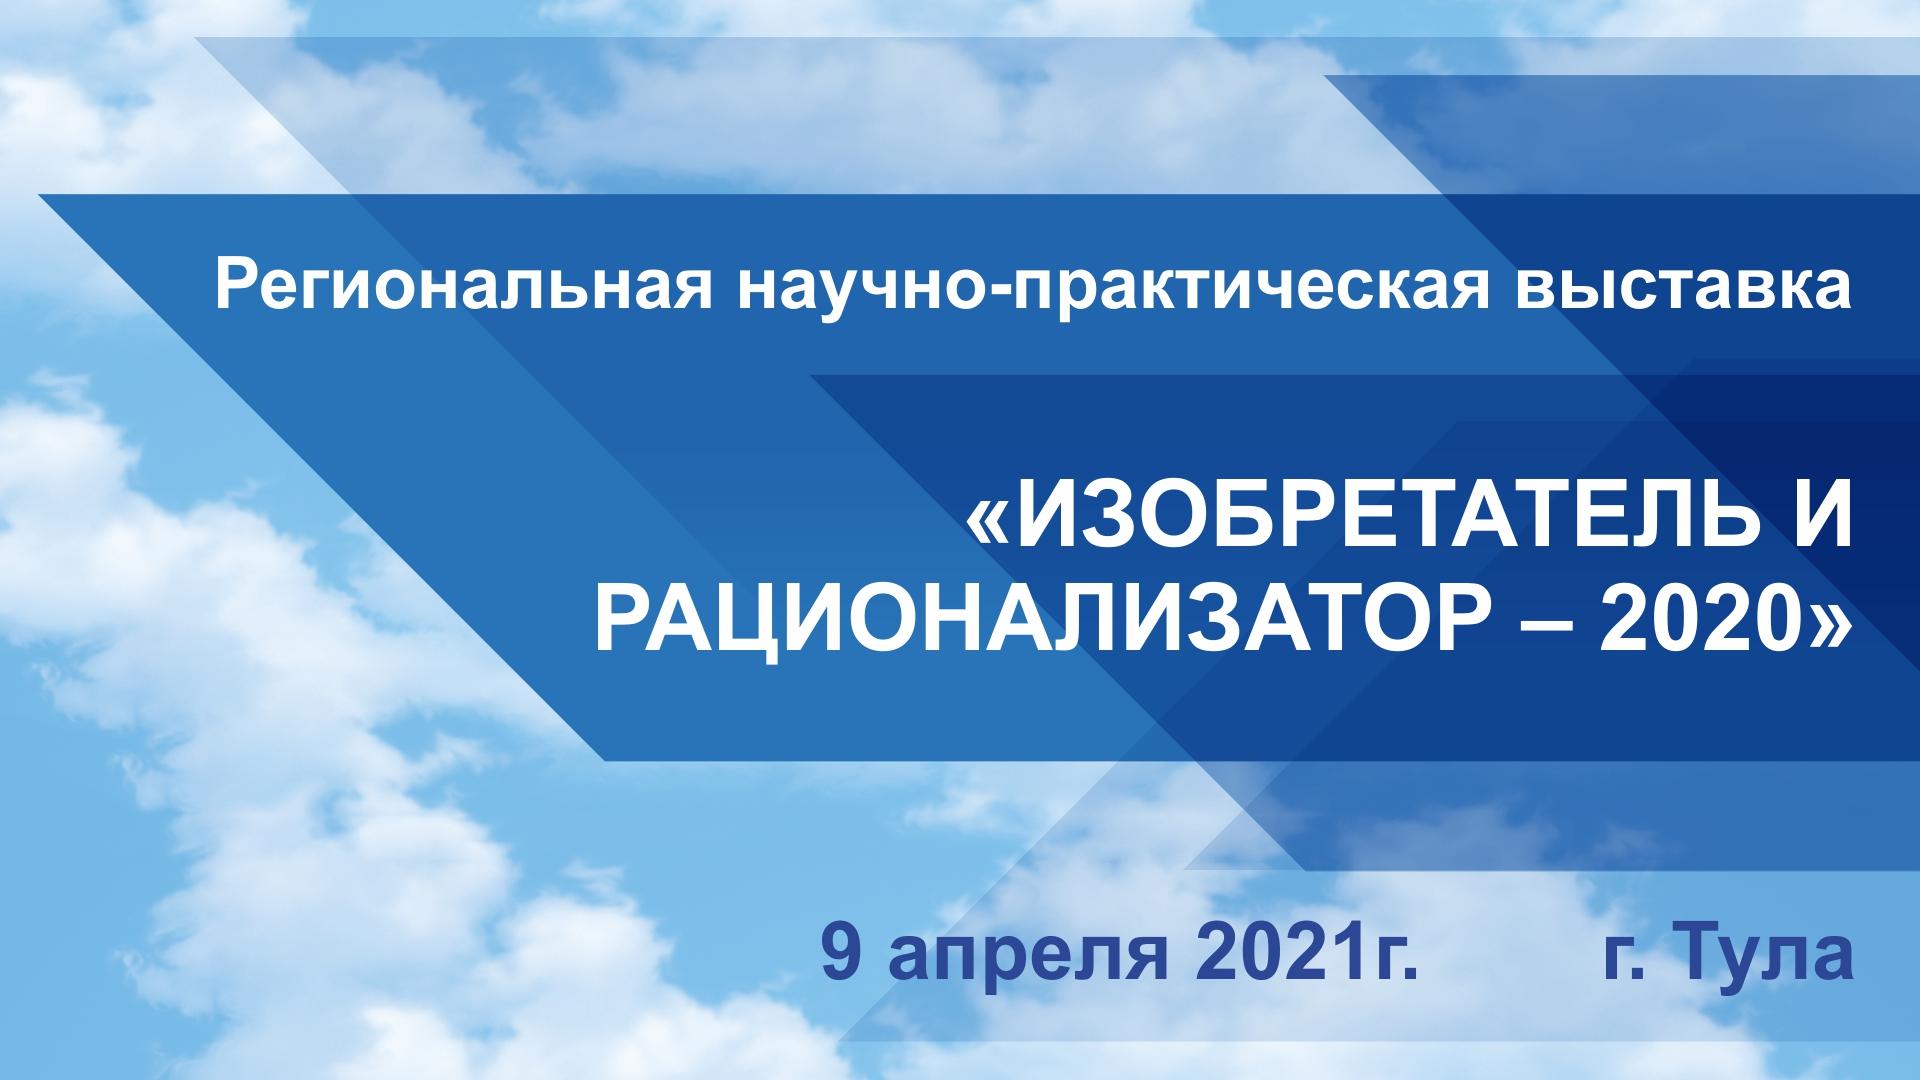 09 апреля 2021 года в формате видеоконференции состоялась ежегодная региональная научно-практическая выставка «Изобретатель и рационализатор - 2020»